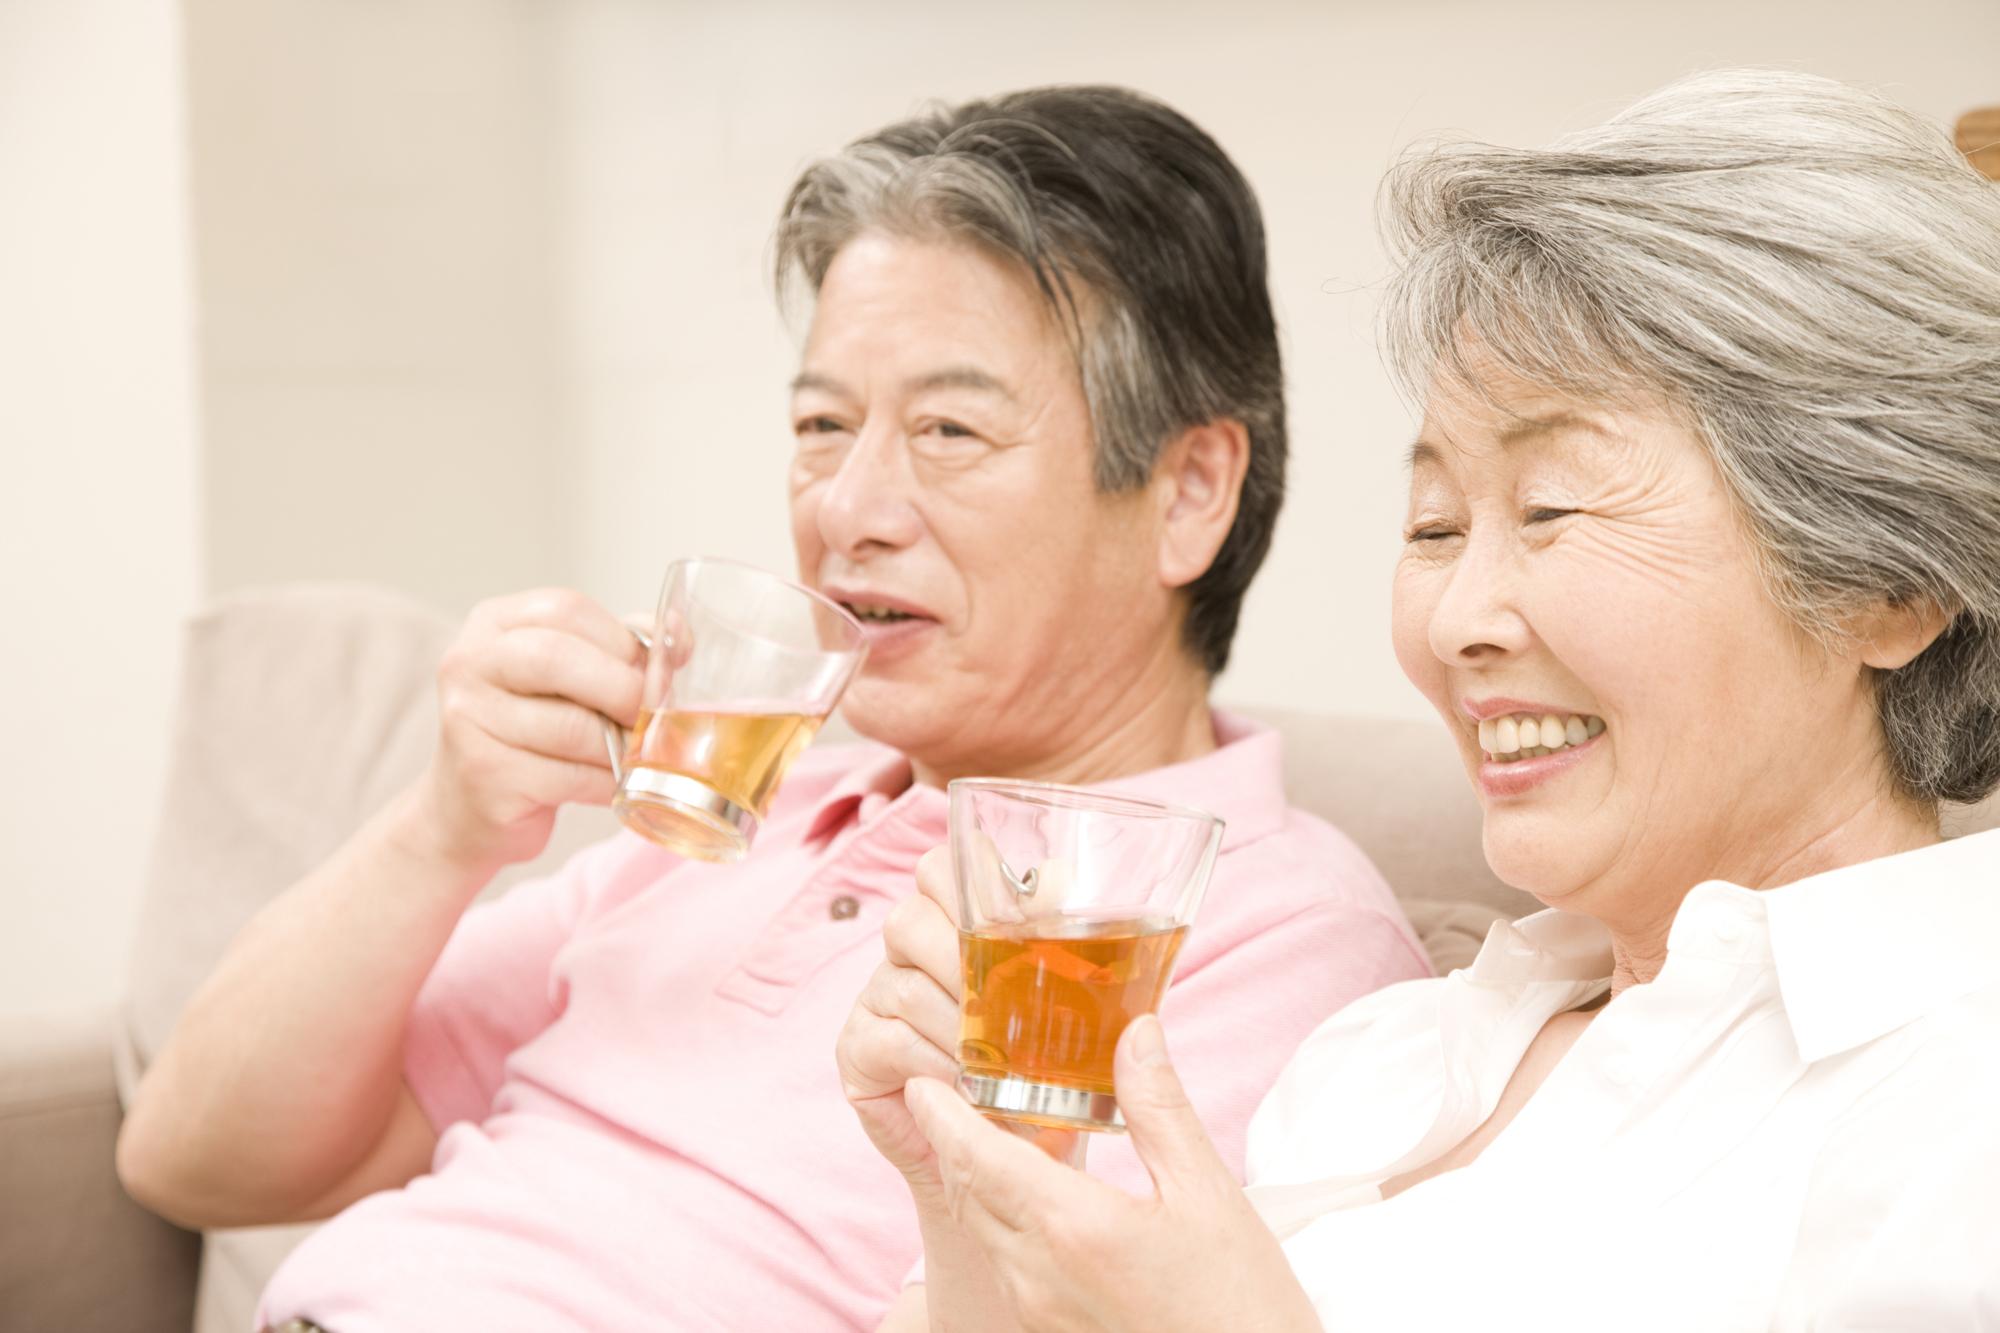 ドクダミ茶の強烈ダイエット作用